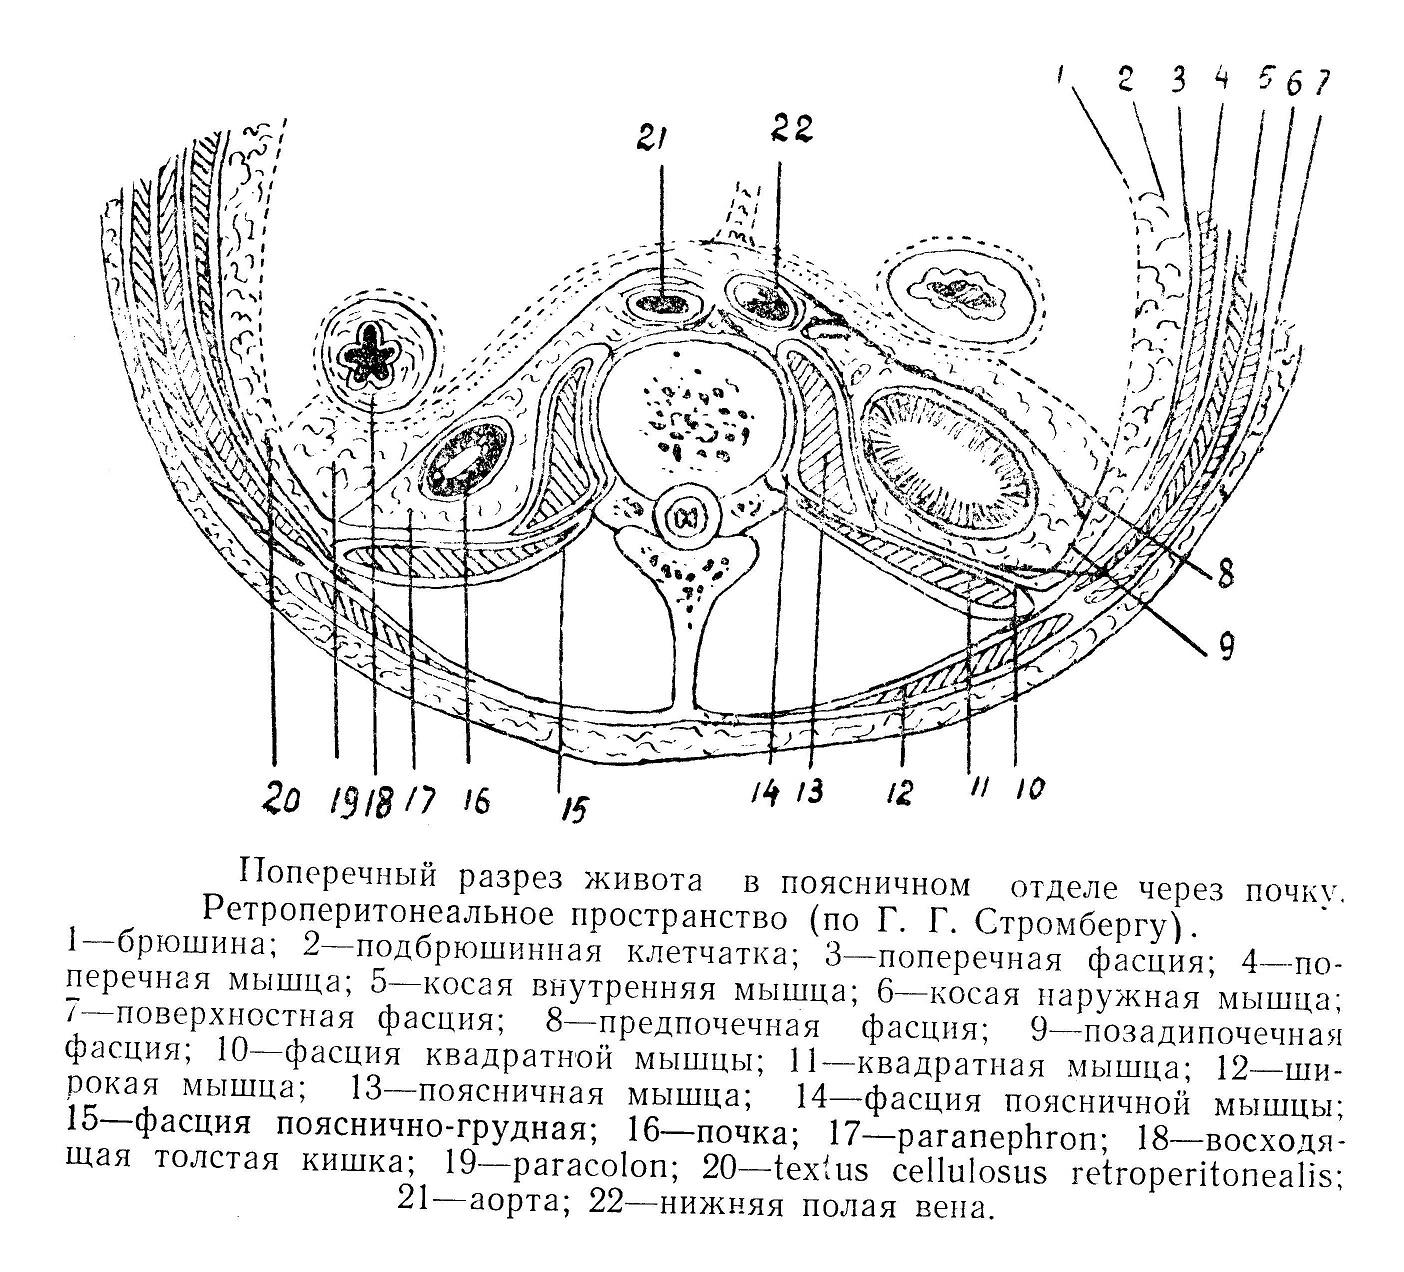 Ретроперитонеальное пространство (по Г. Г. Стромбергу).